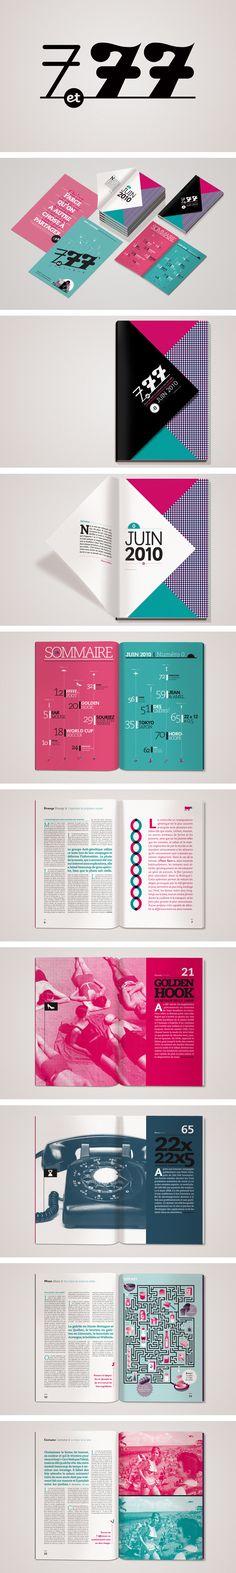 """charte graphique et mise en page pour le magazine intergénérationnel """"7 et 77""""."""